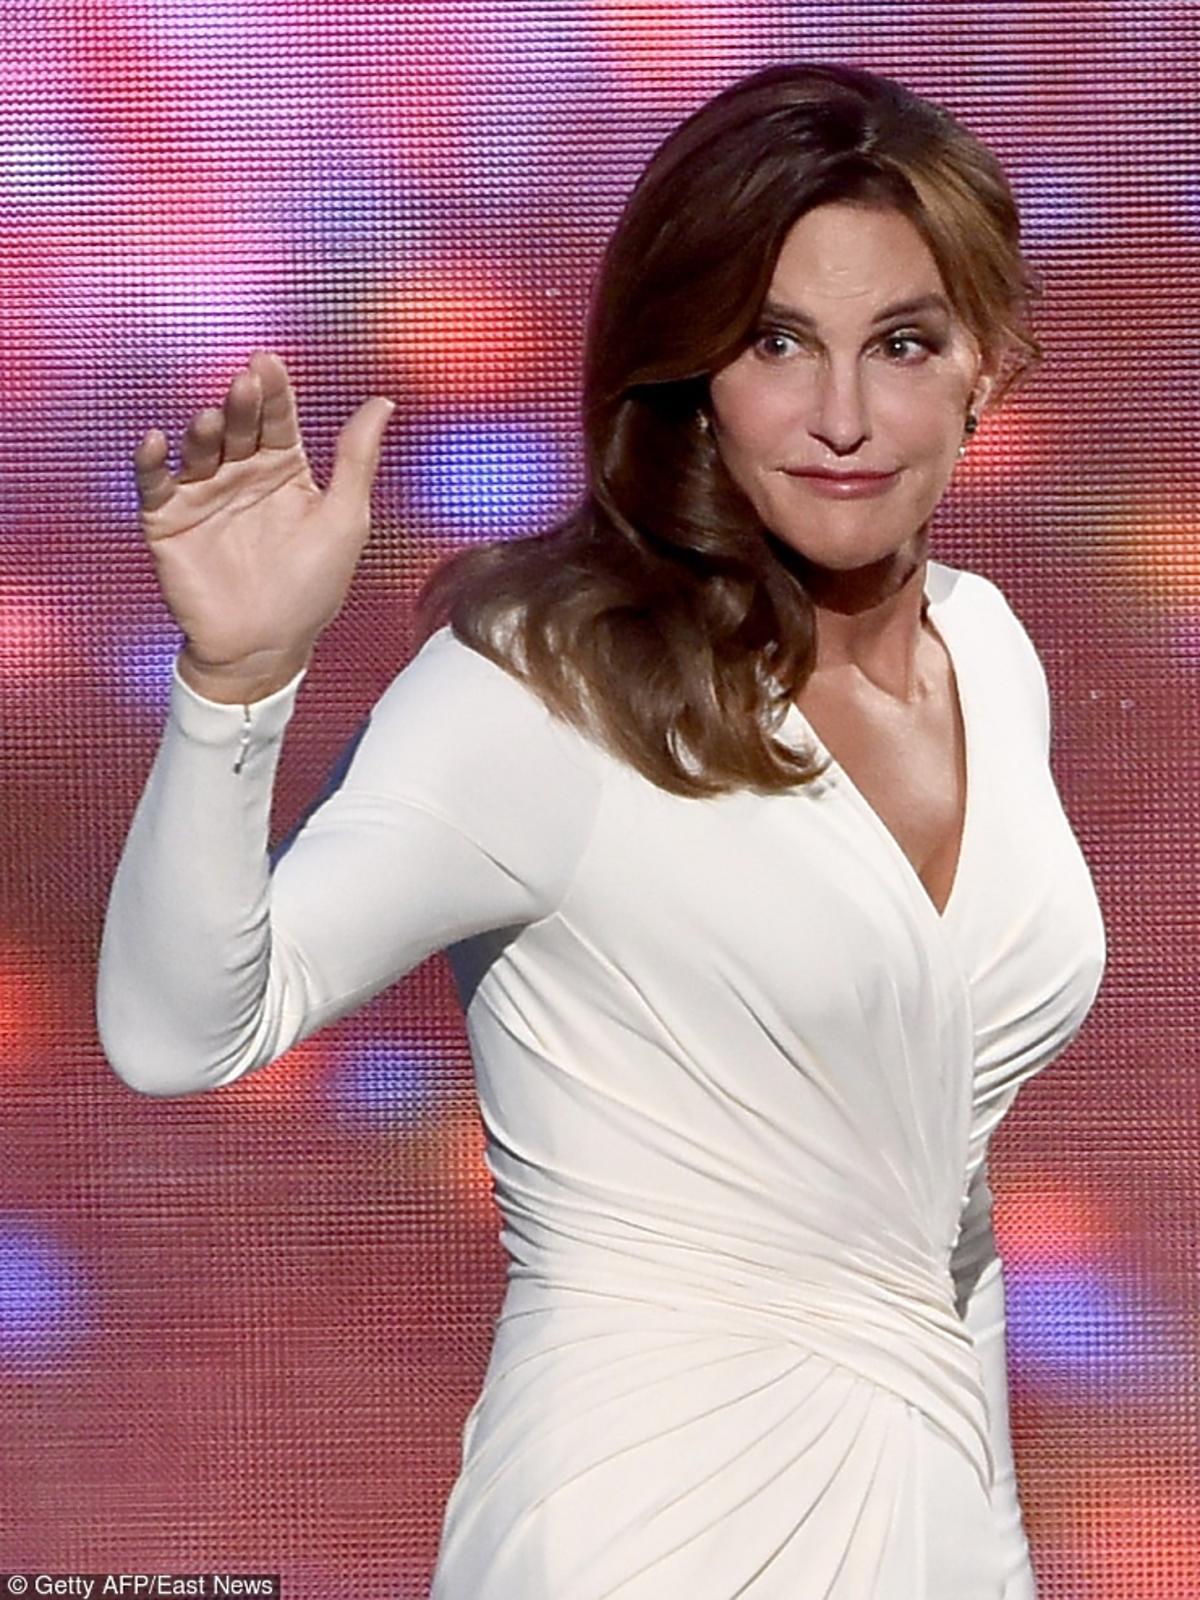 Wzruszona Caitlyn Jenner w białej, eleganckiej sukience, macha dłonią do widowni